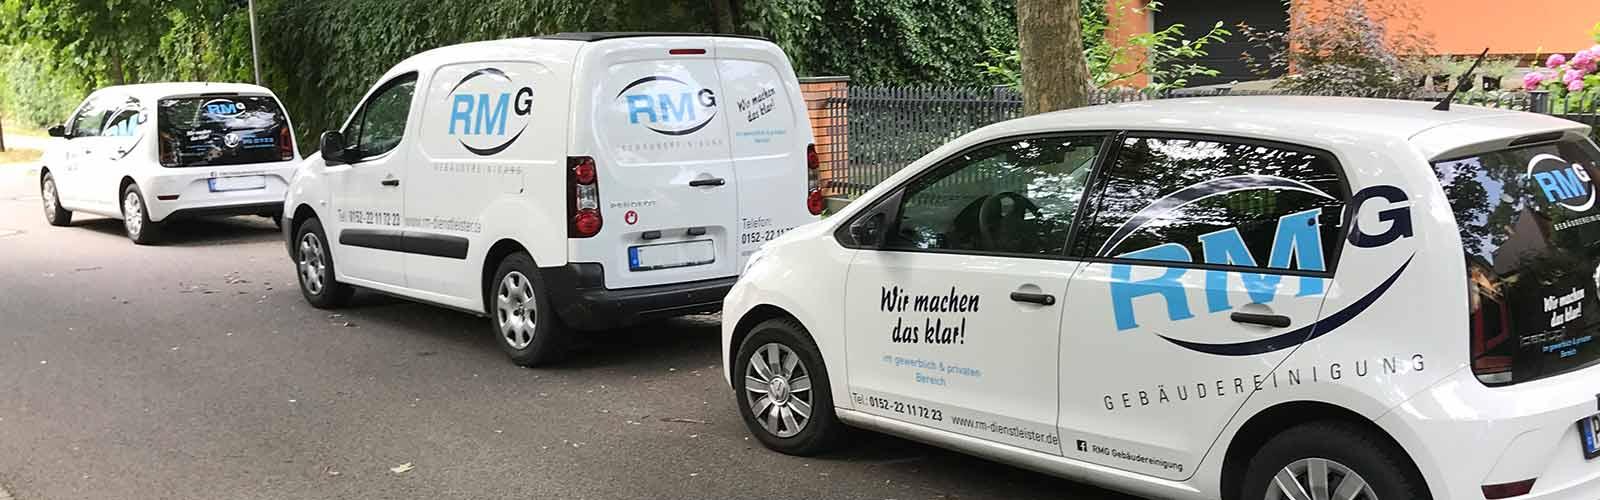 RMG Firmenwagenflotte mit Logo und Slogan